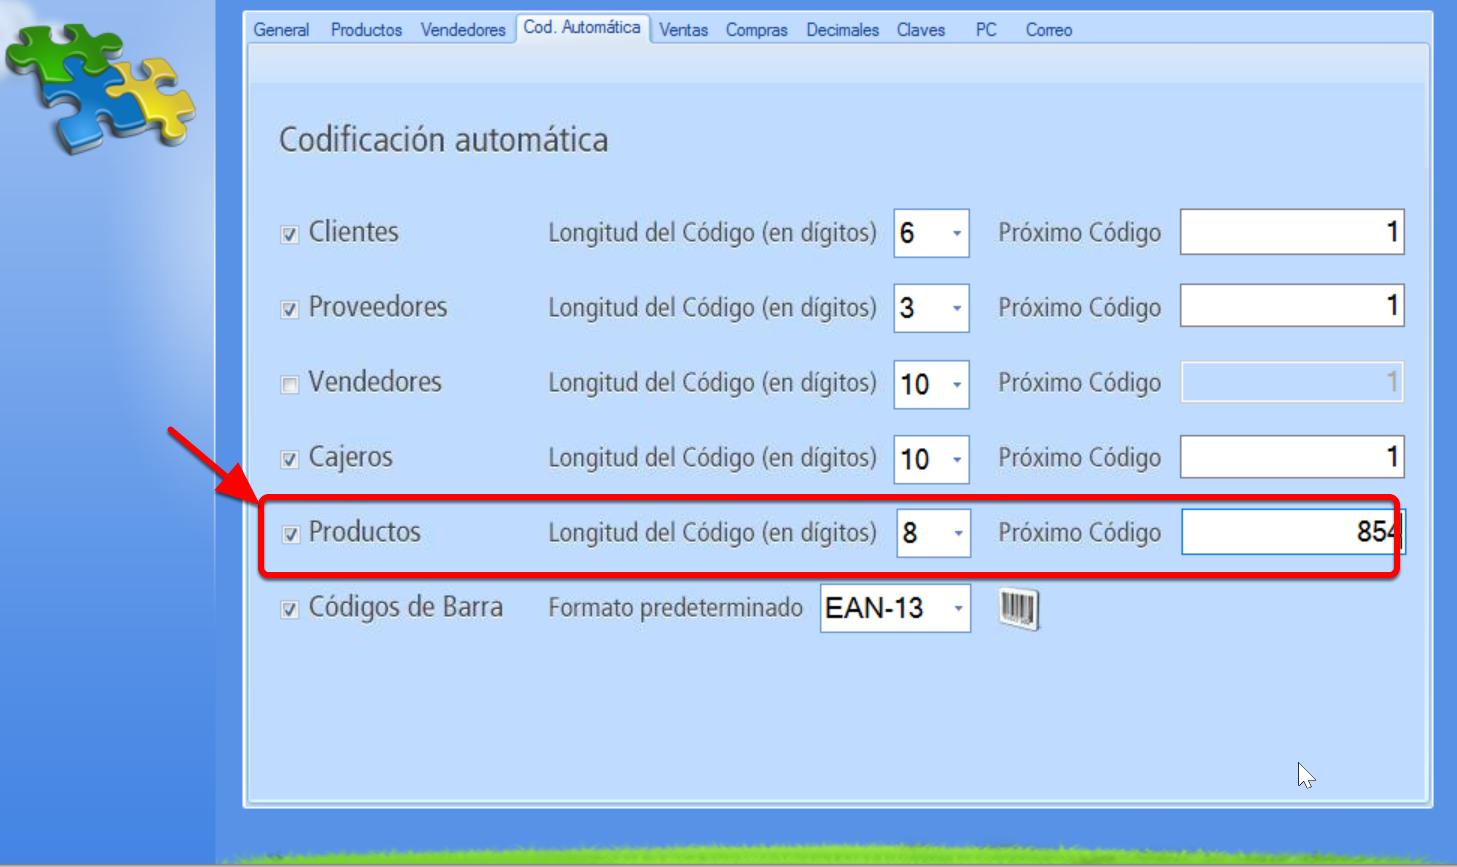 Establece la codificación automática de productos